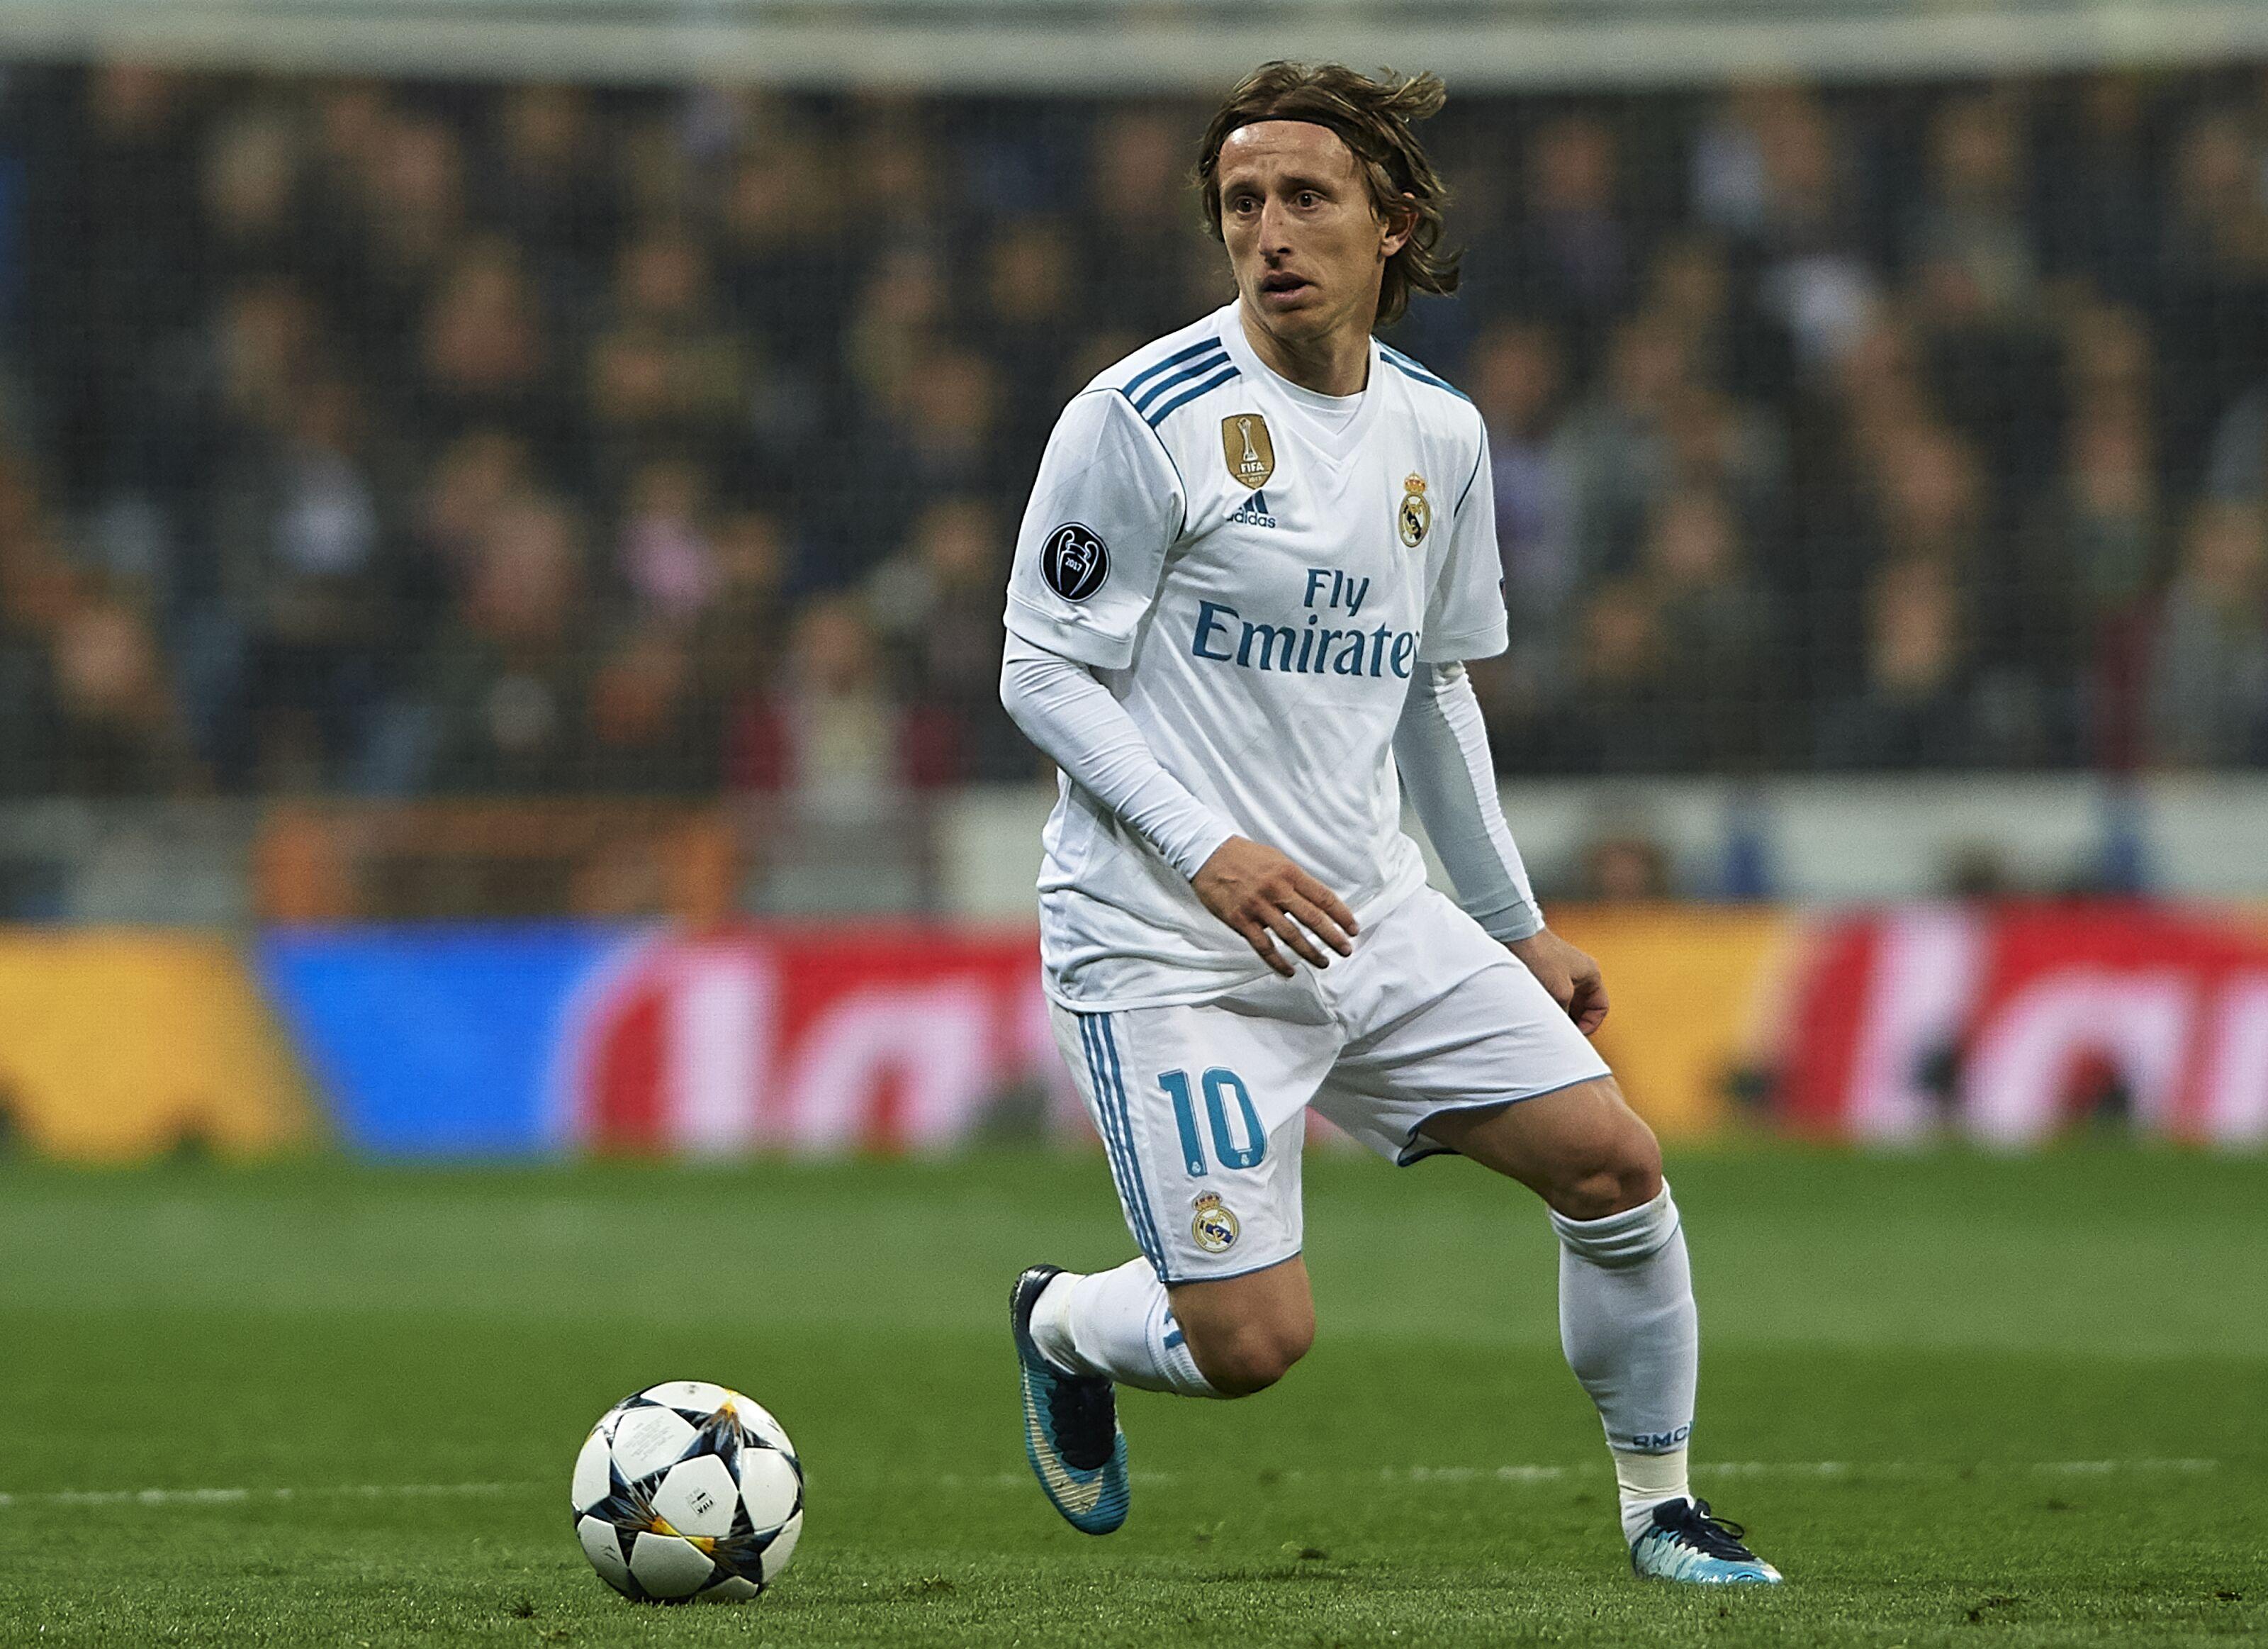 Resultado de imagen para Modric MLS